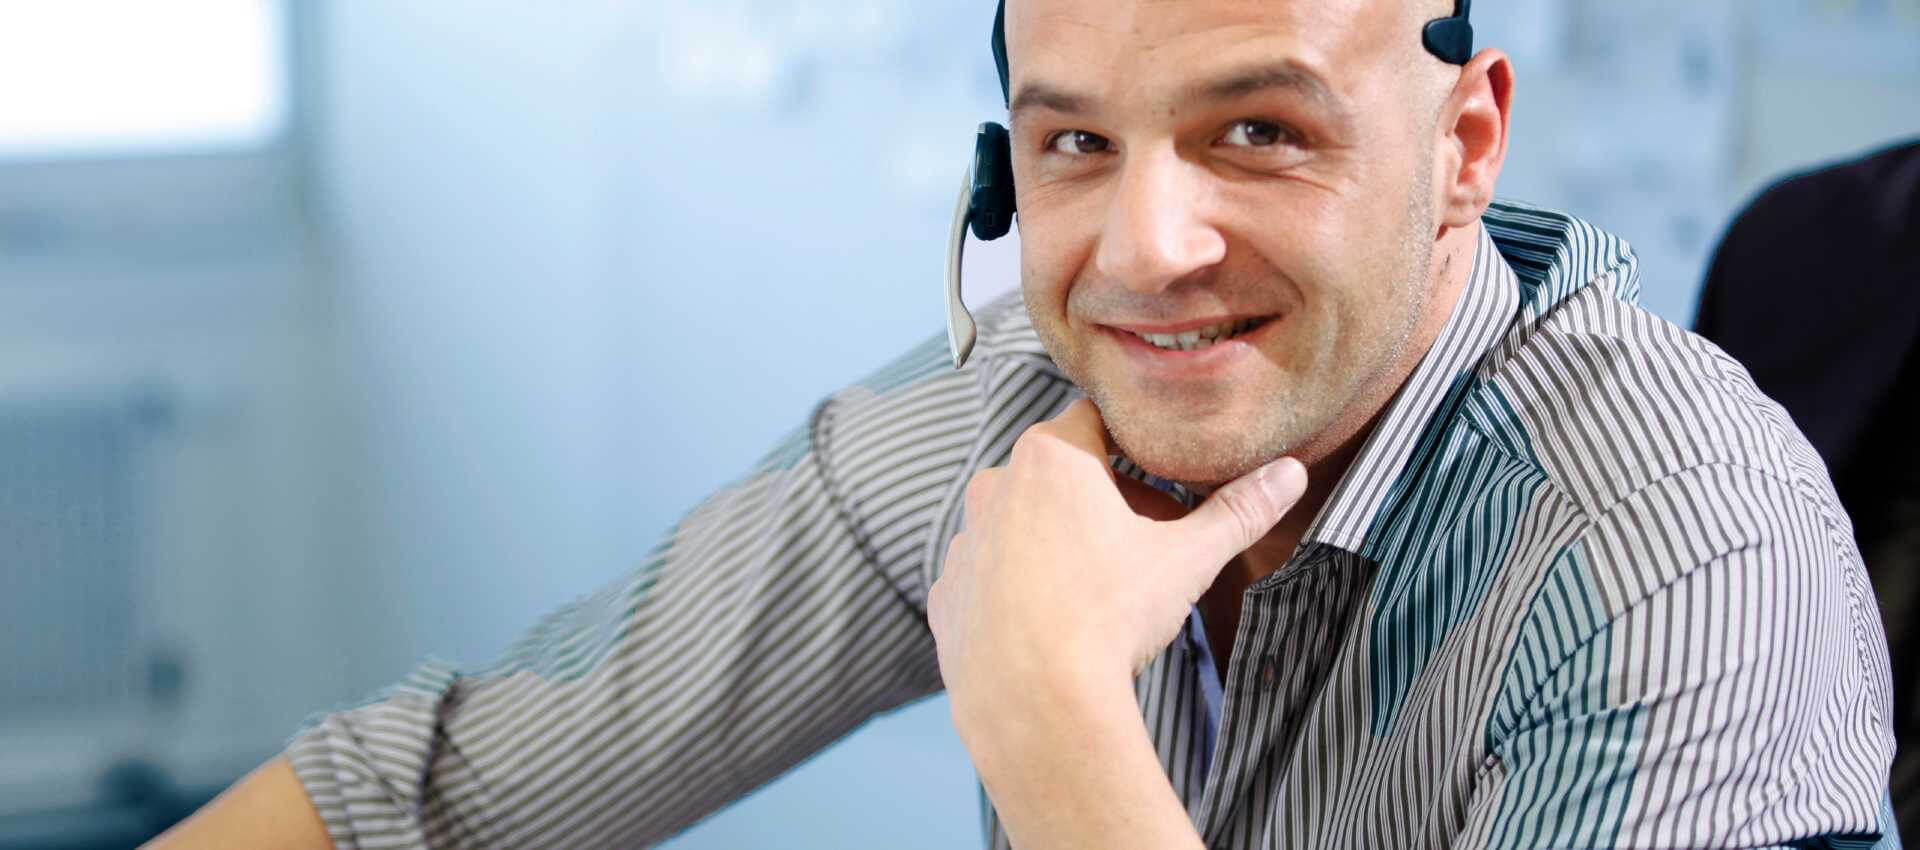 Mitarbeiter Personalvermittlung Rekrutierung Stellenangebote Mitarbeiter Personalverleih Mitarbeiter gesucht Personalsuche Arbeitsvermittlung Stellensuchende neue Mitarbeiter